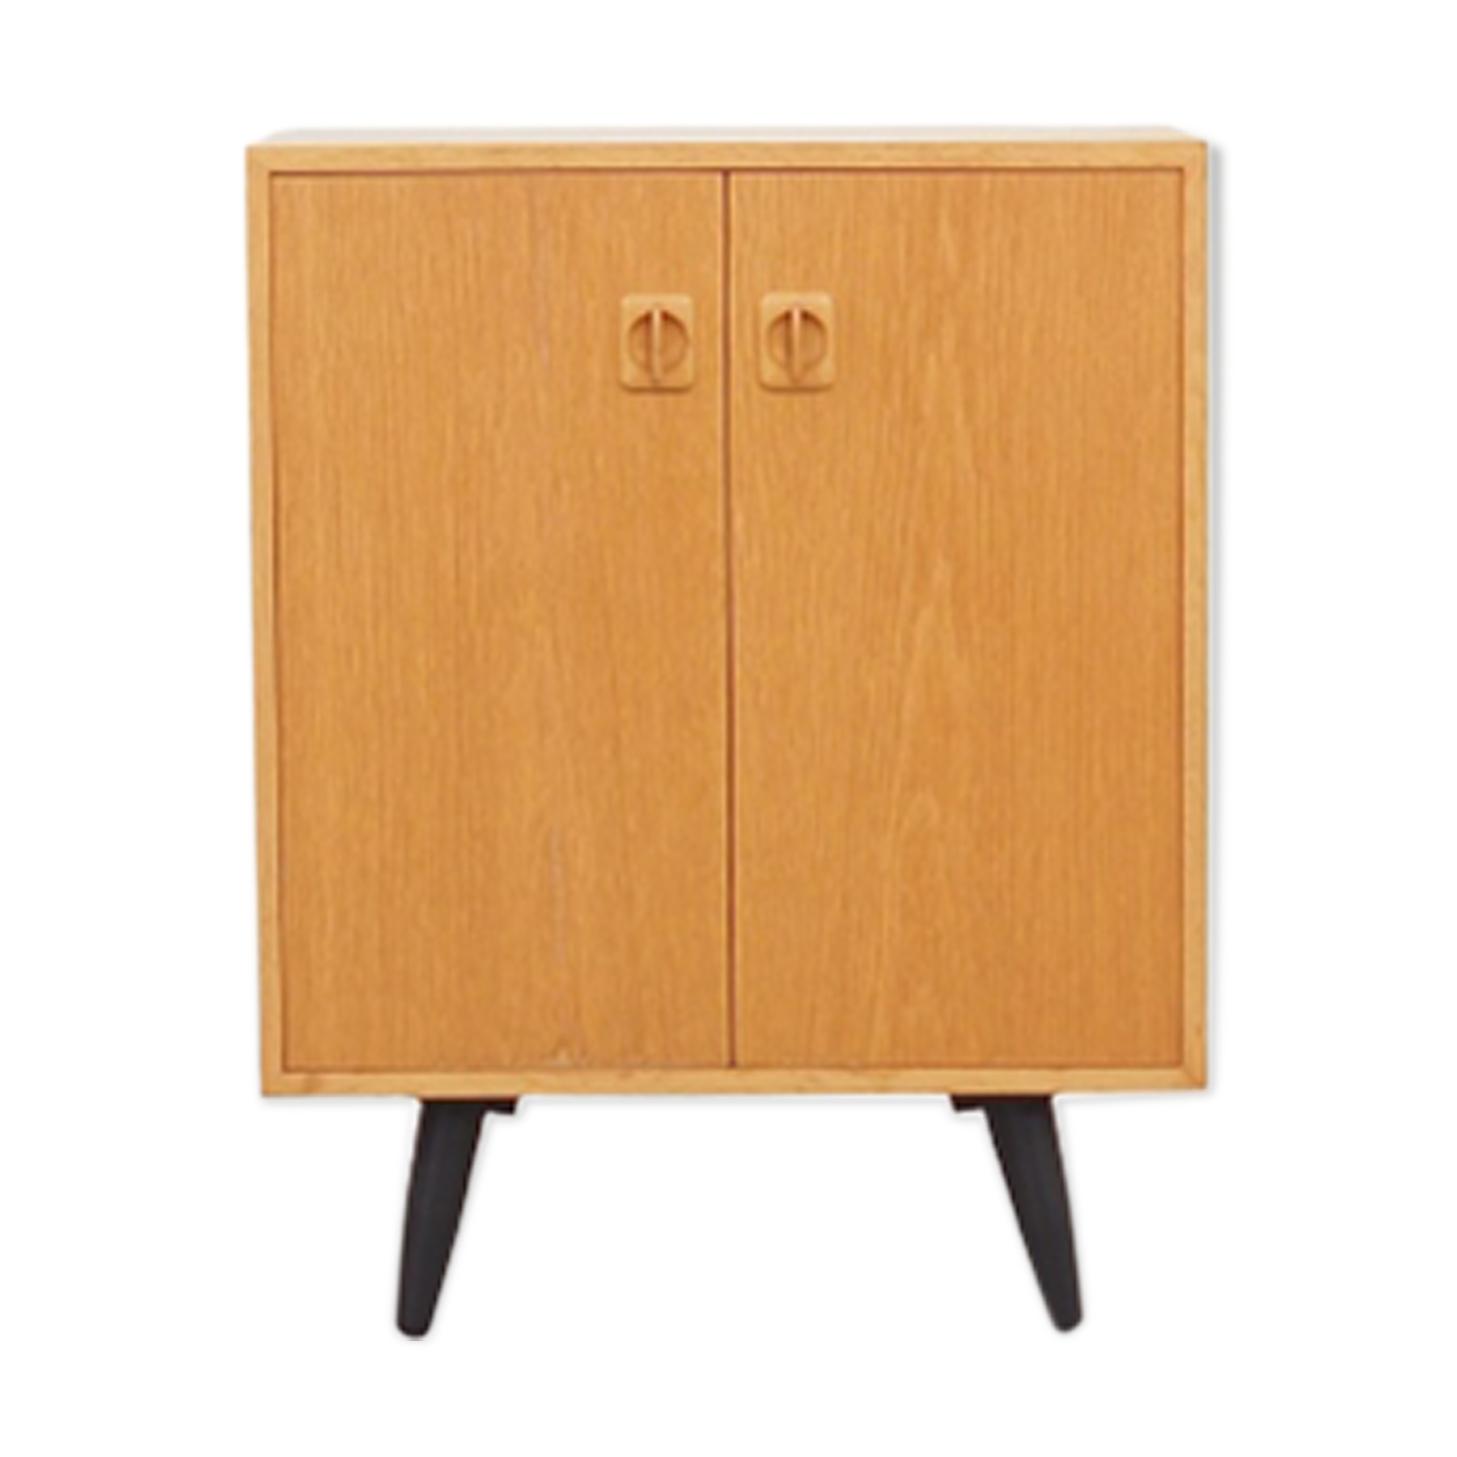 Buffet en frêne, design danois, années 1960, Domino Møbler